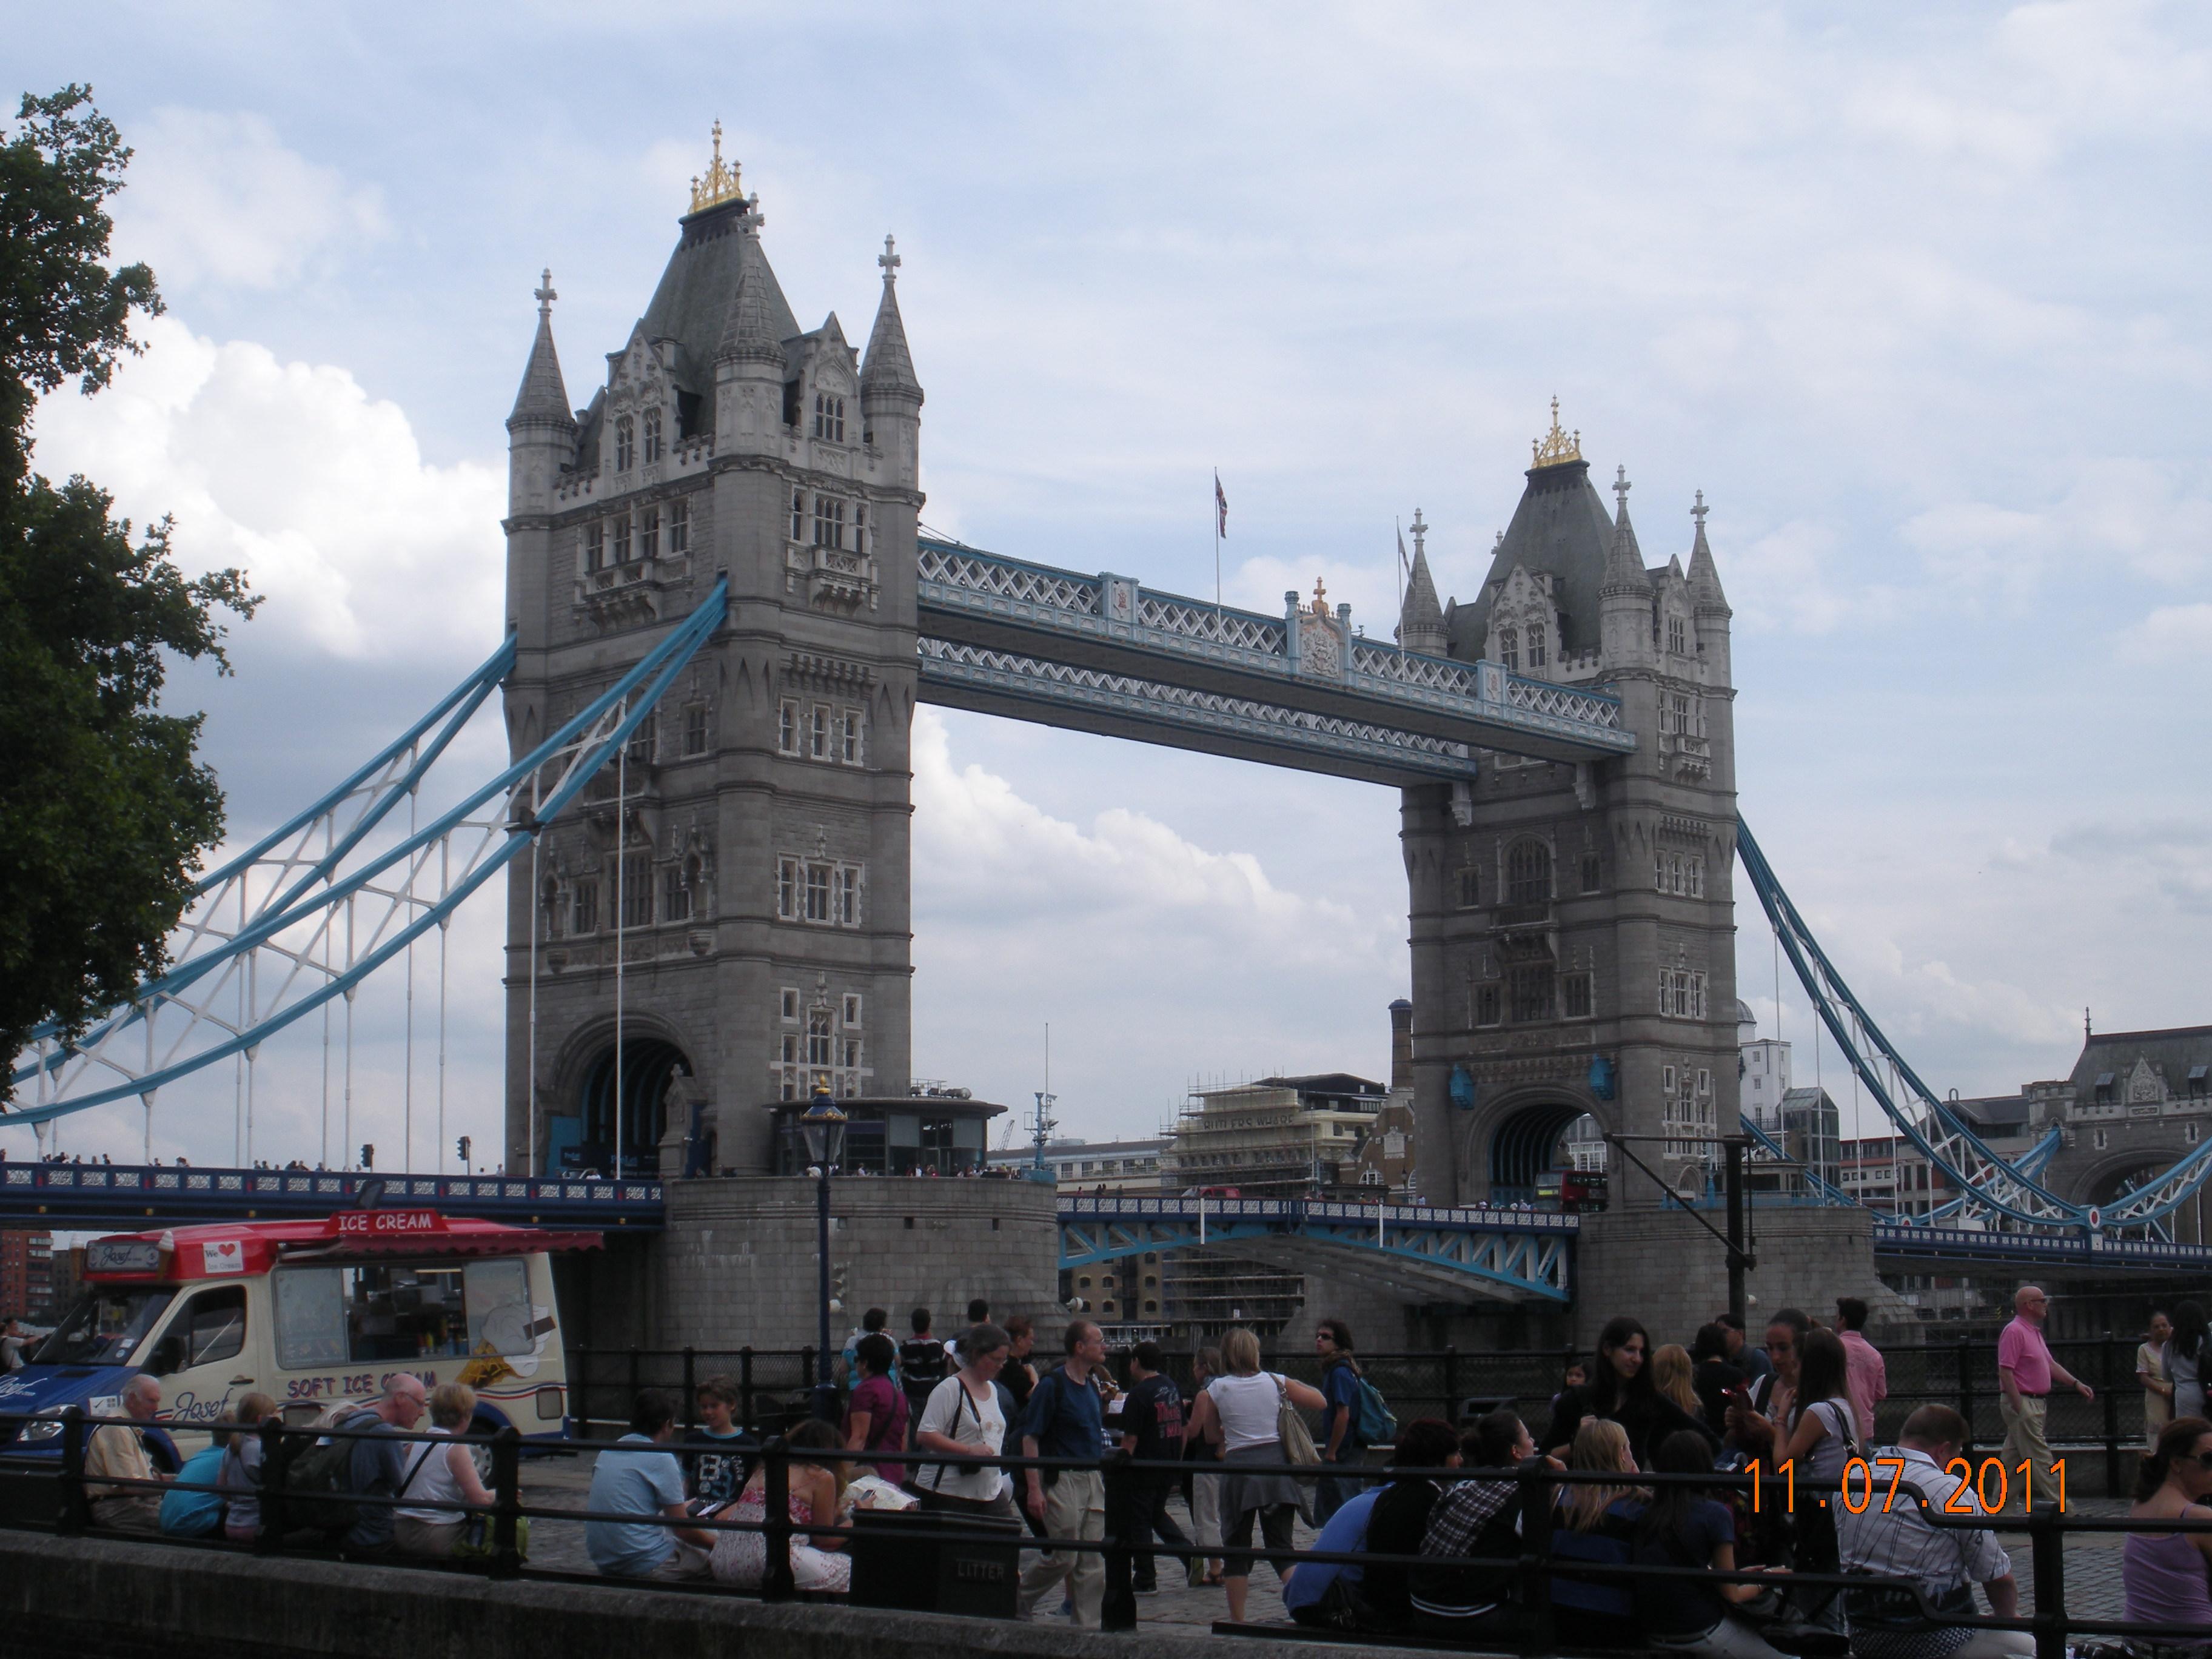 圣保罗大教堂及伦敦塔等